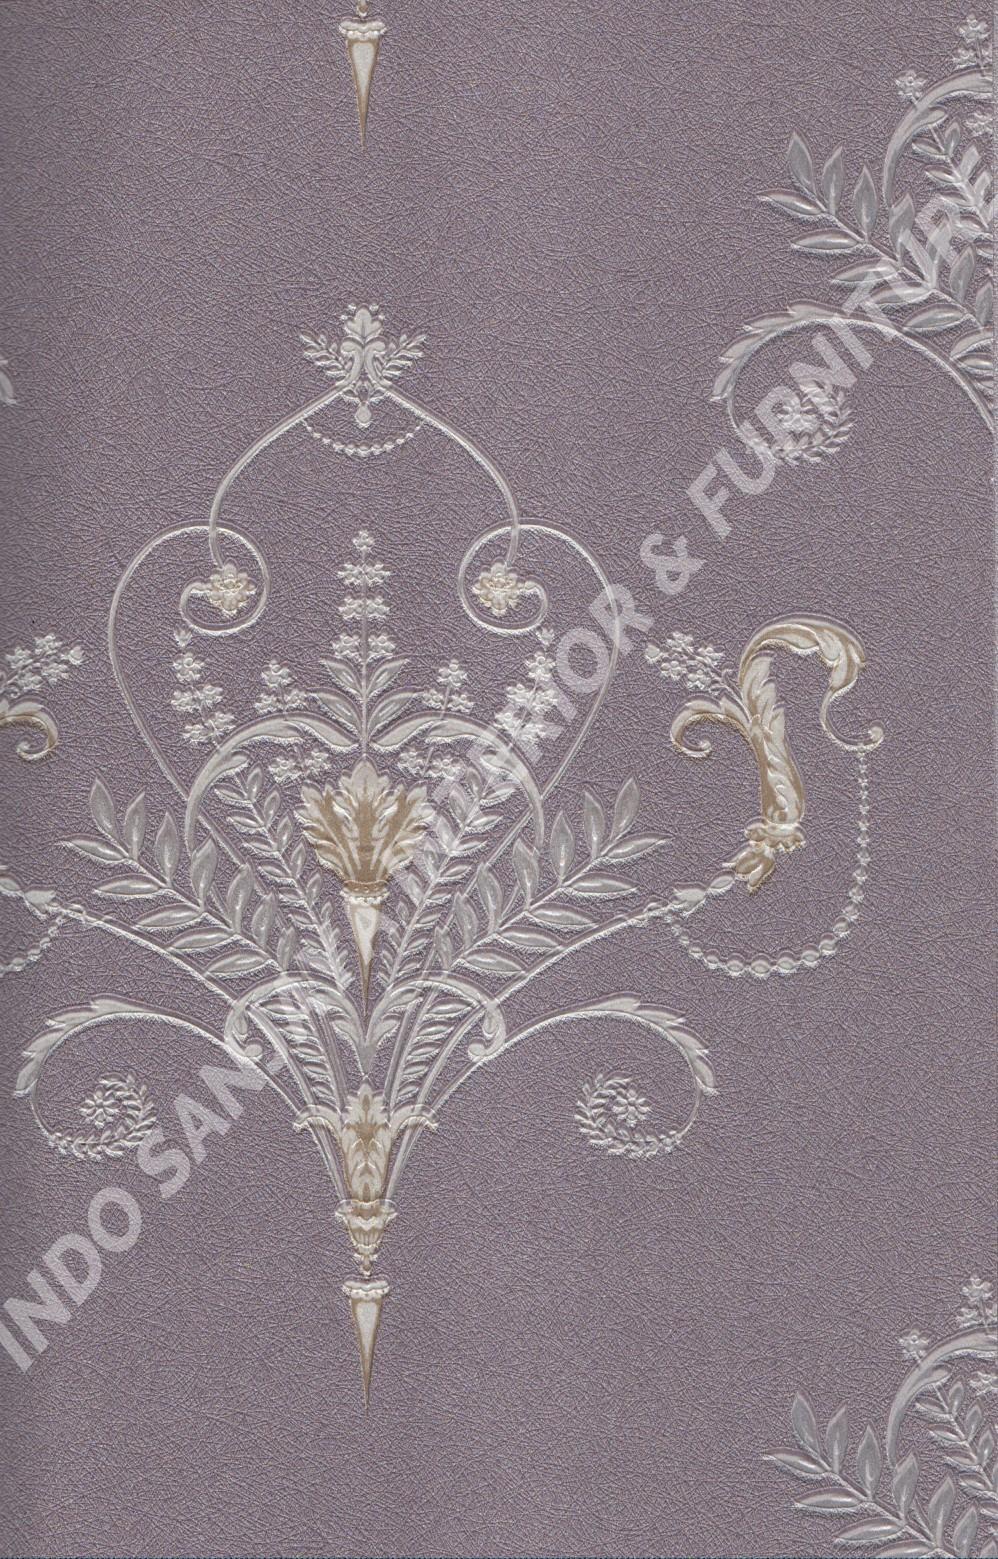 wallpaper   Wallpaper Klasik Batik (Damask) 83128-2:83128-2 corak  warna